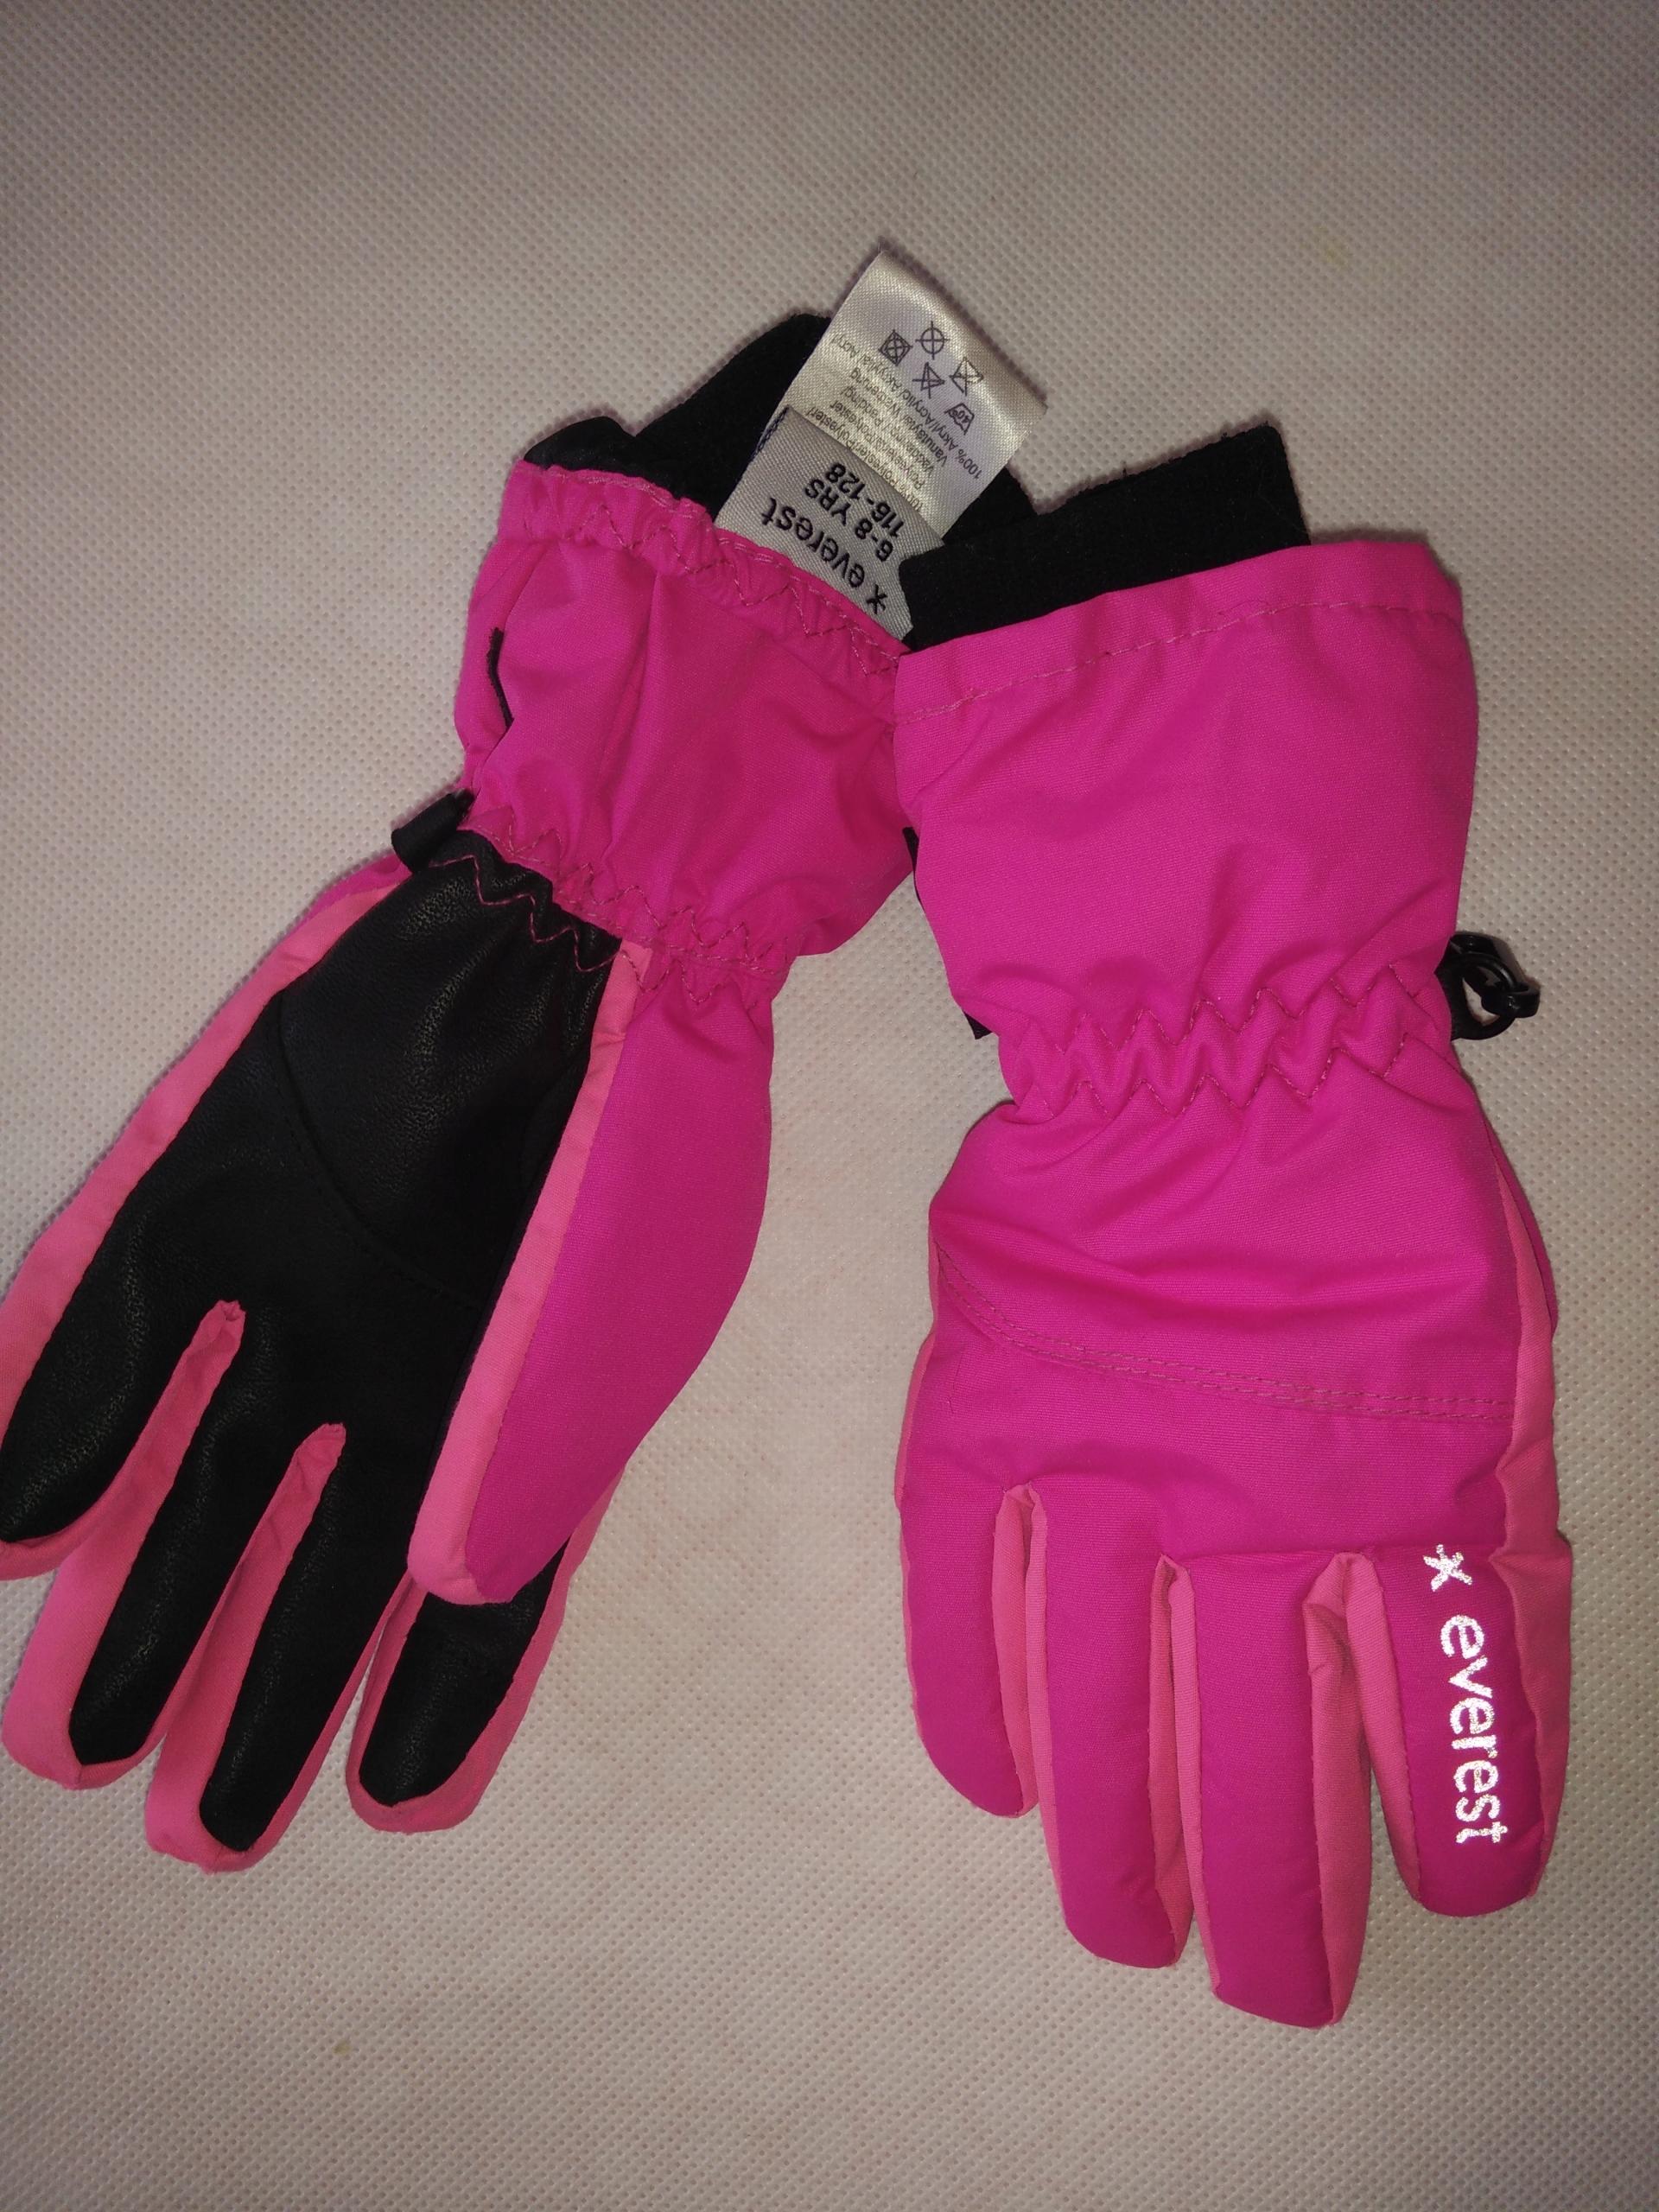 Rękawiczki ortalionowe narciarskie zimowe Everest